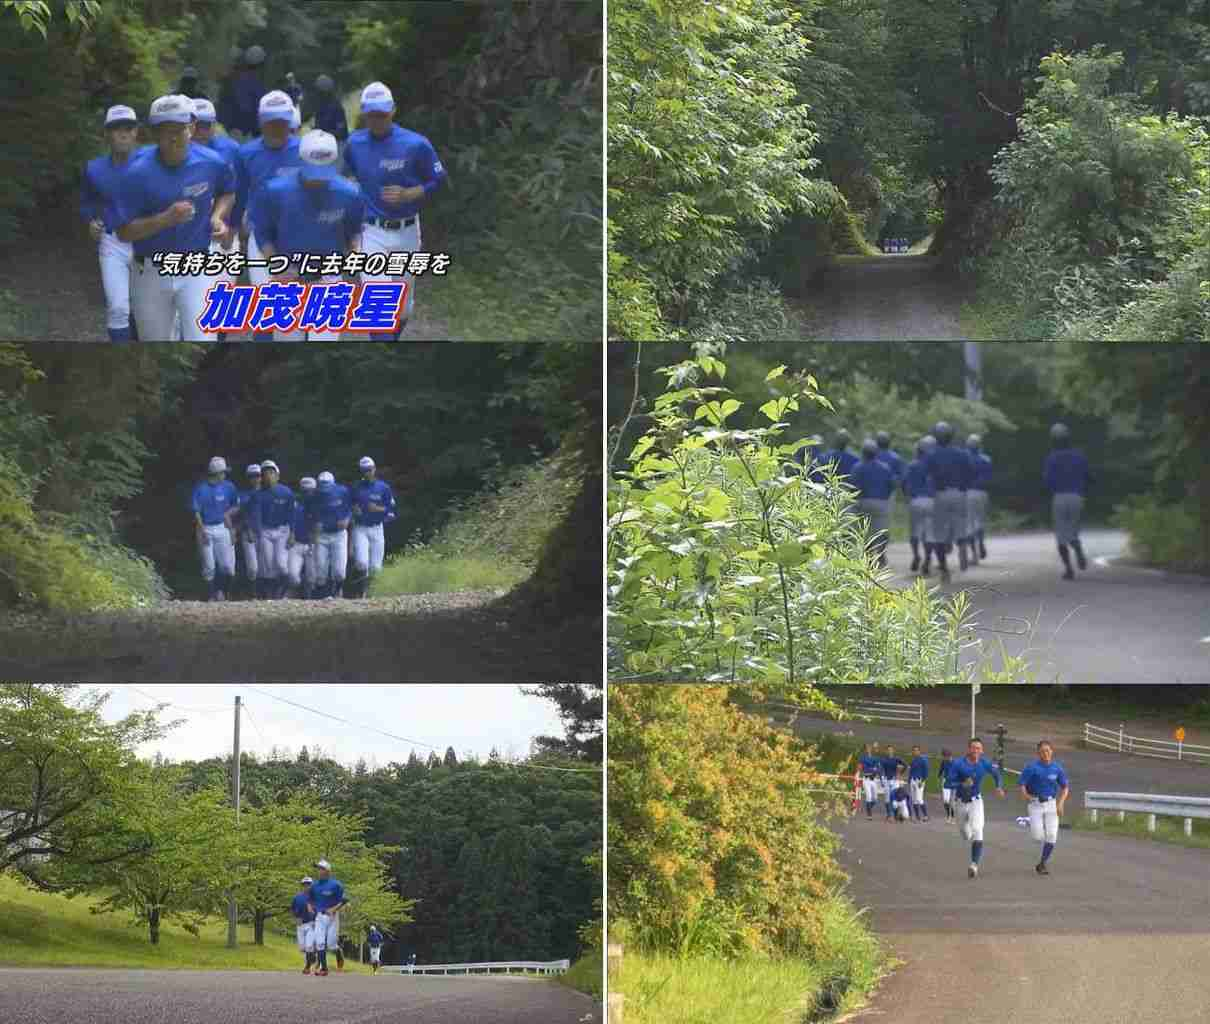 練習後走り倒れた女子マネジャー死亡 新潟の高校野球部